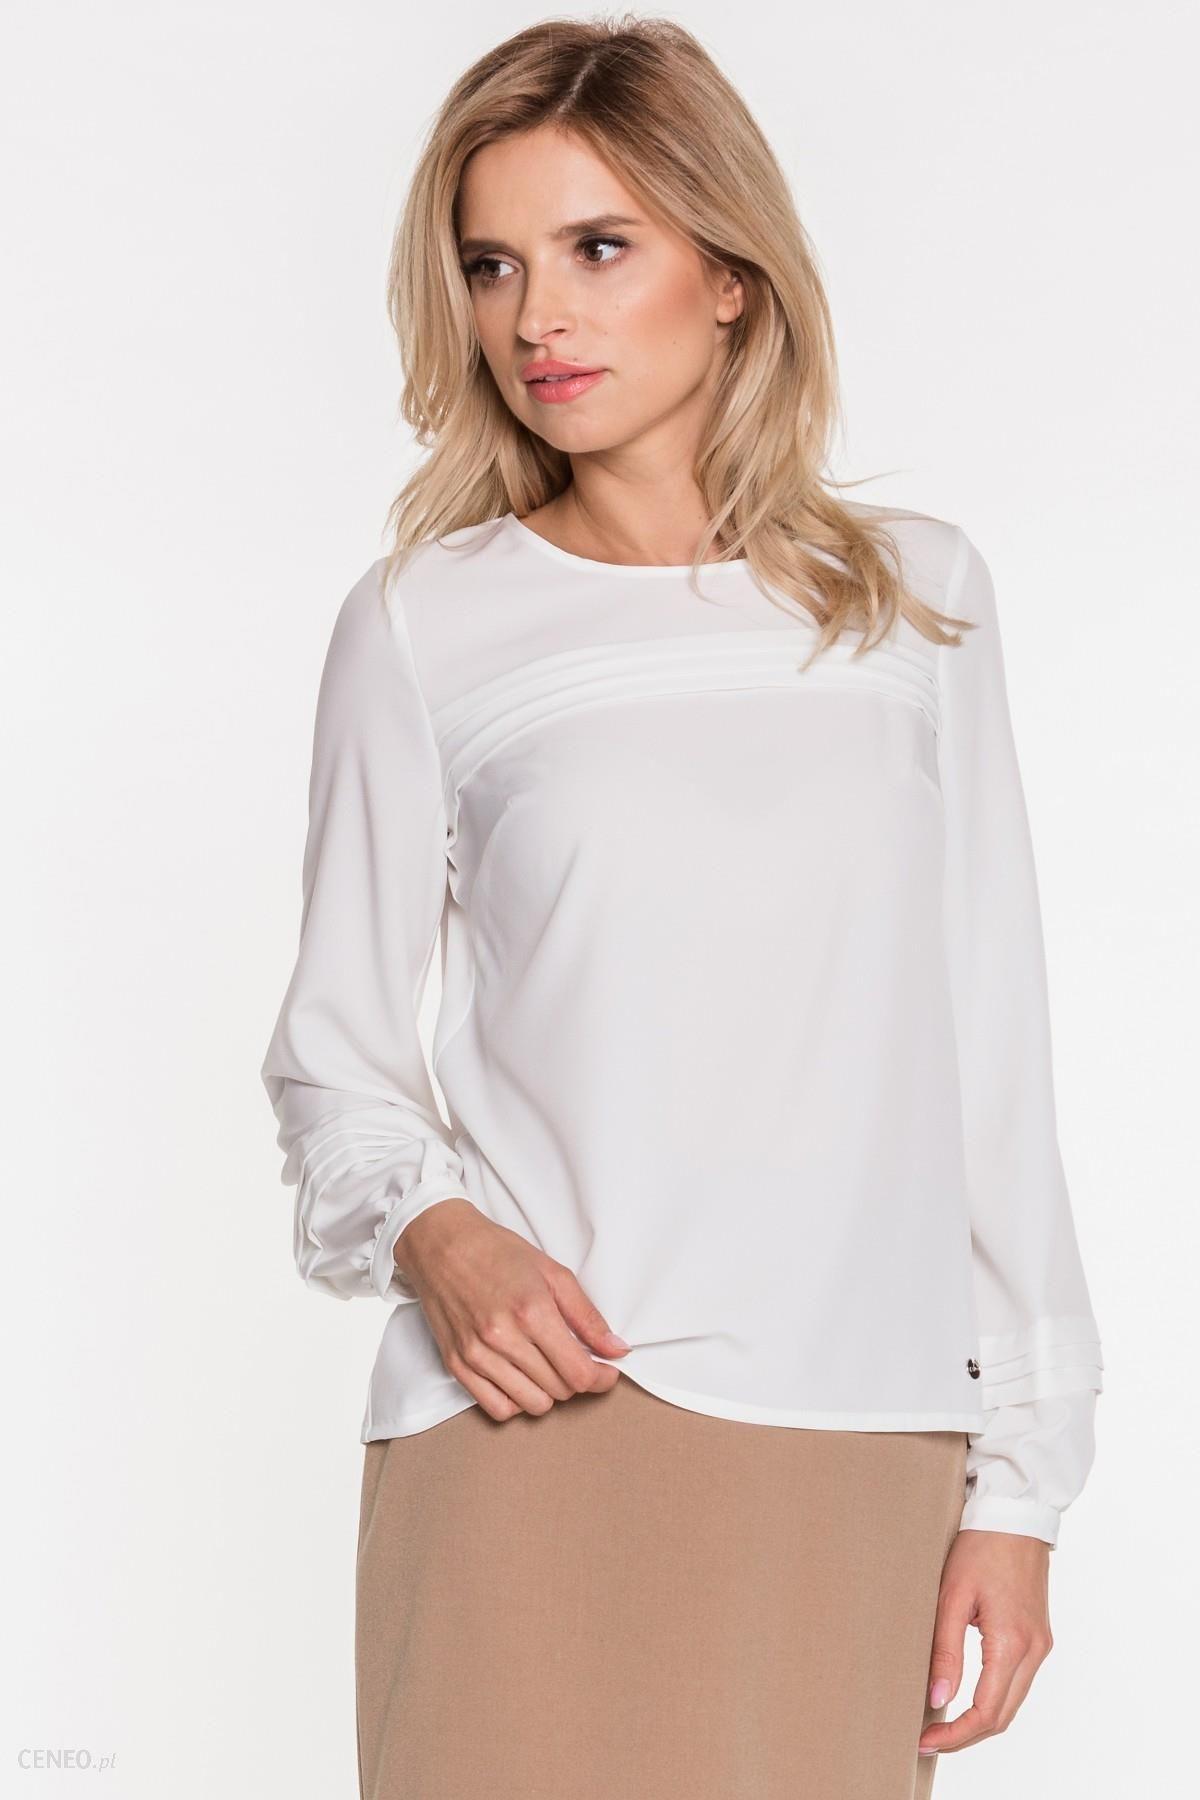 e8523da257ca92 Biała bluzka z ozdobnymi zakładkami - Ceny i opinie - Ceneo.pl